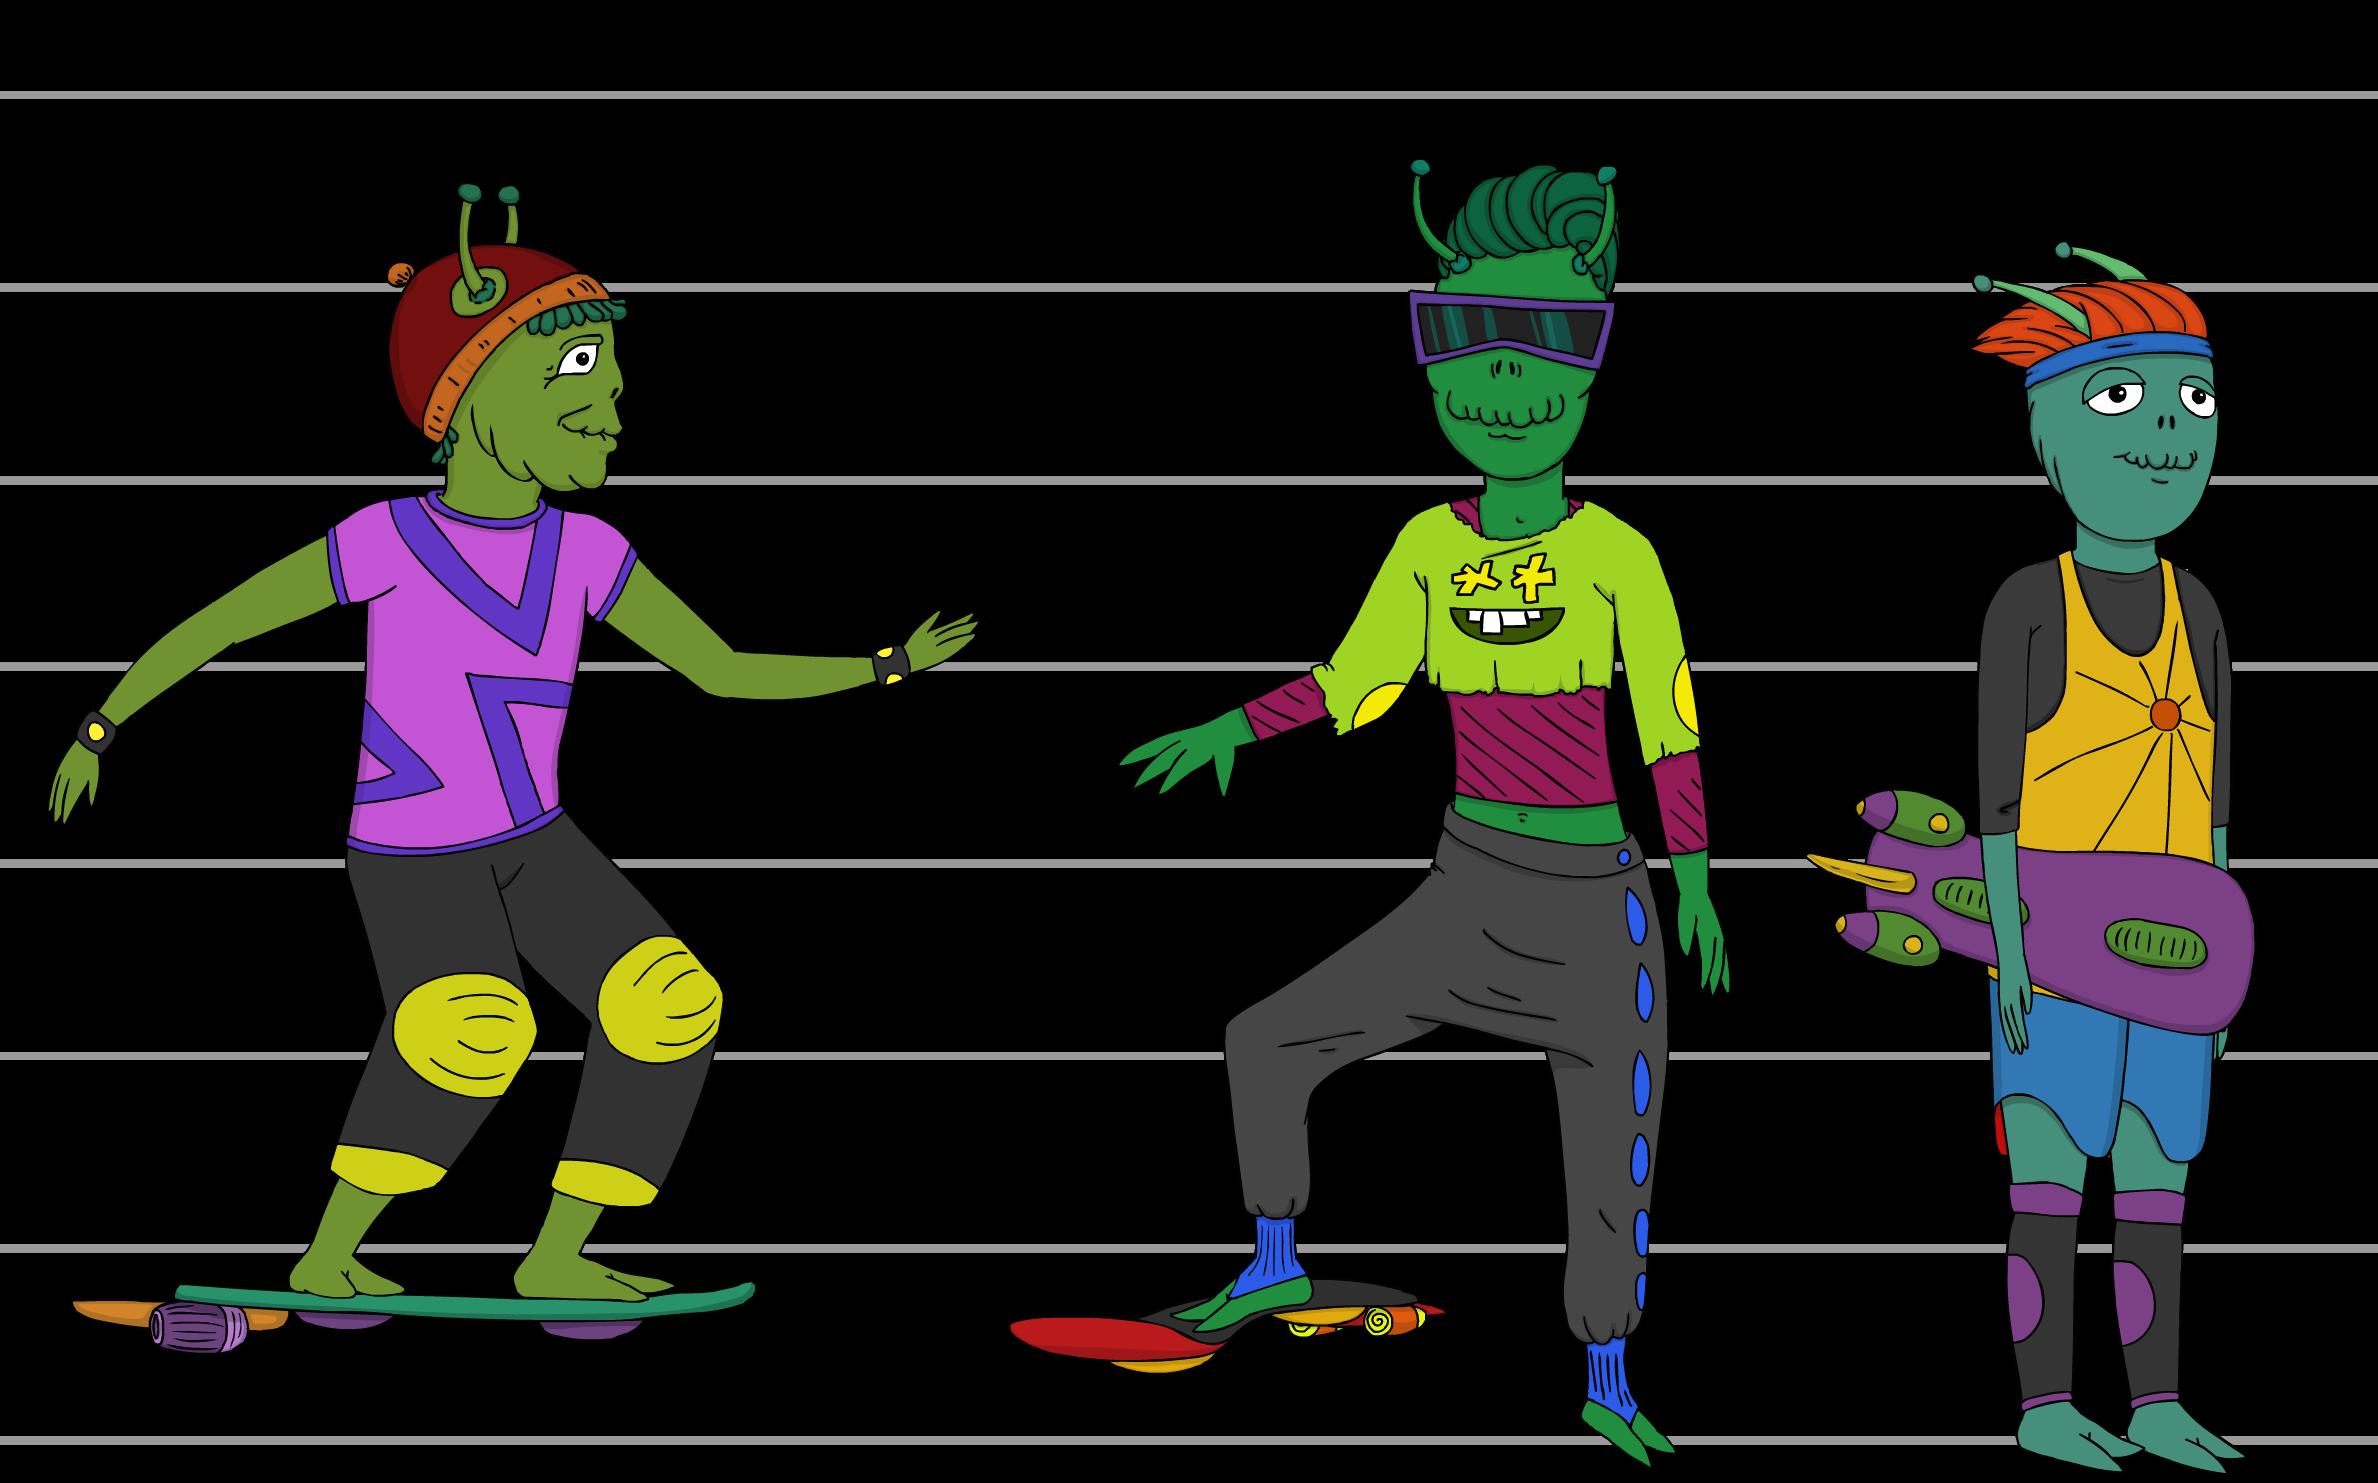 JSA_CH_104_Alien_Skaters_Extras_v04_HS copy 2.png